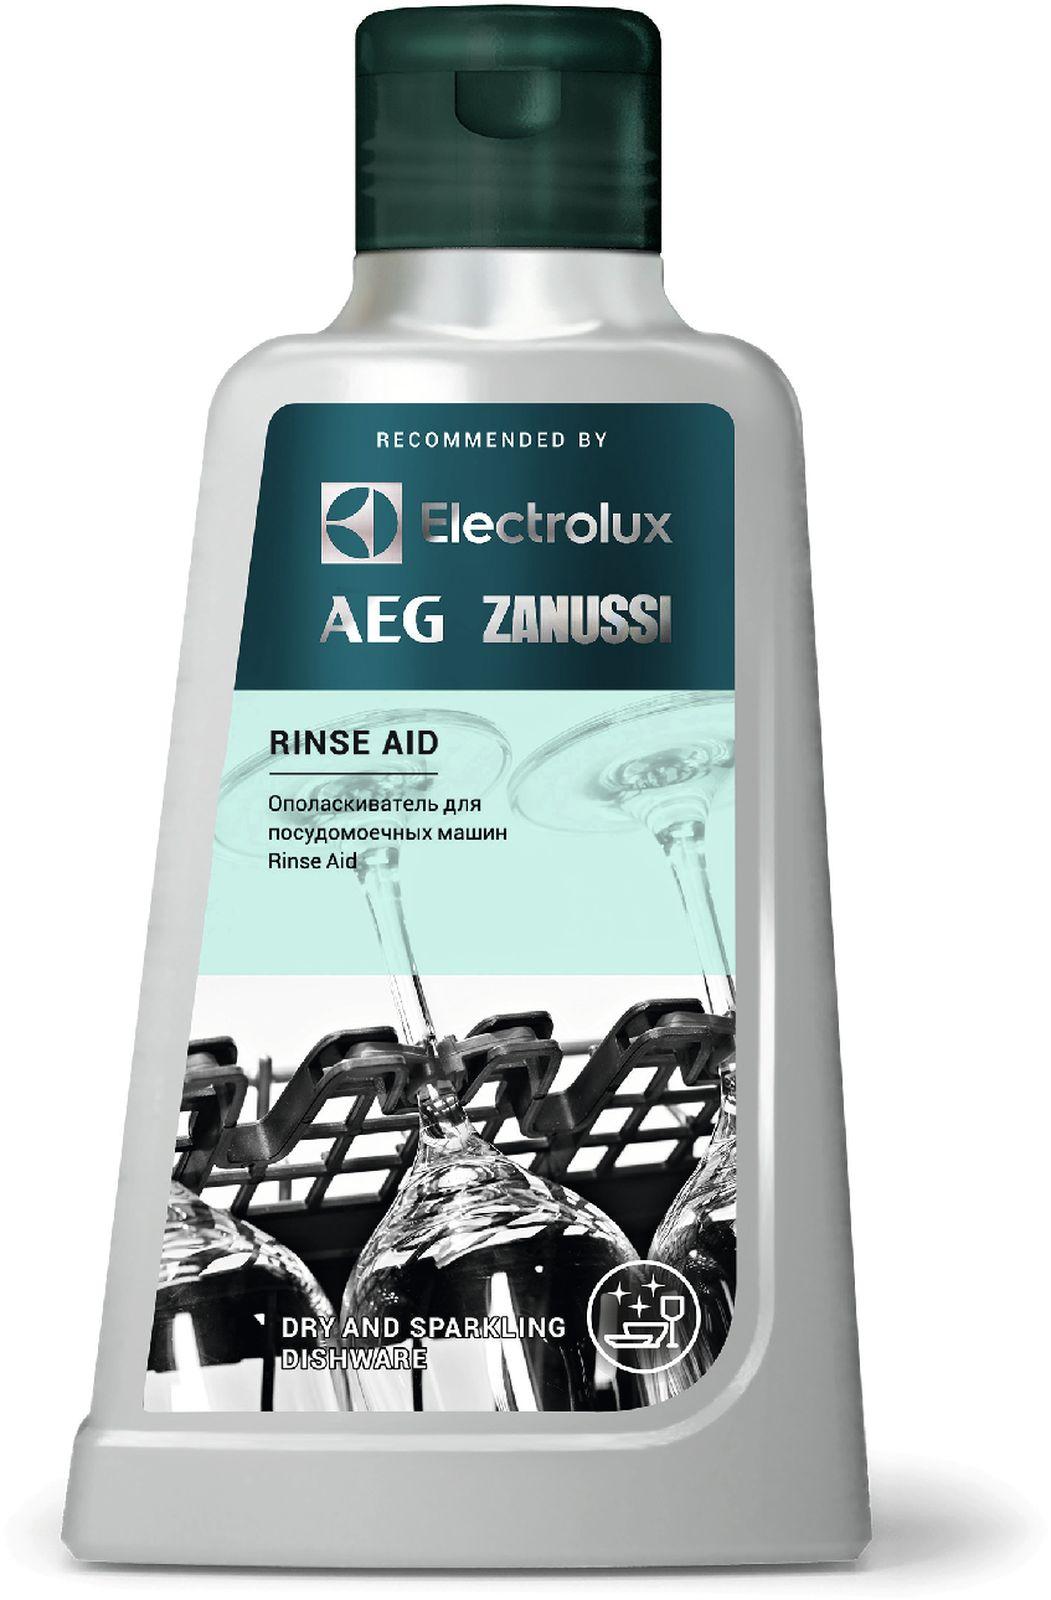 Ополаскиватель Electrolux Rinse Aid M3DCR200 для посудомоечных